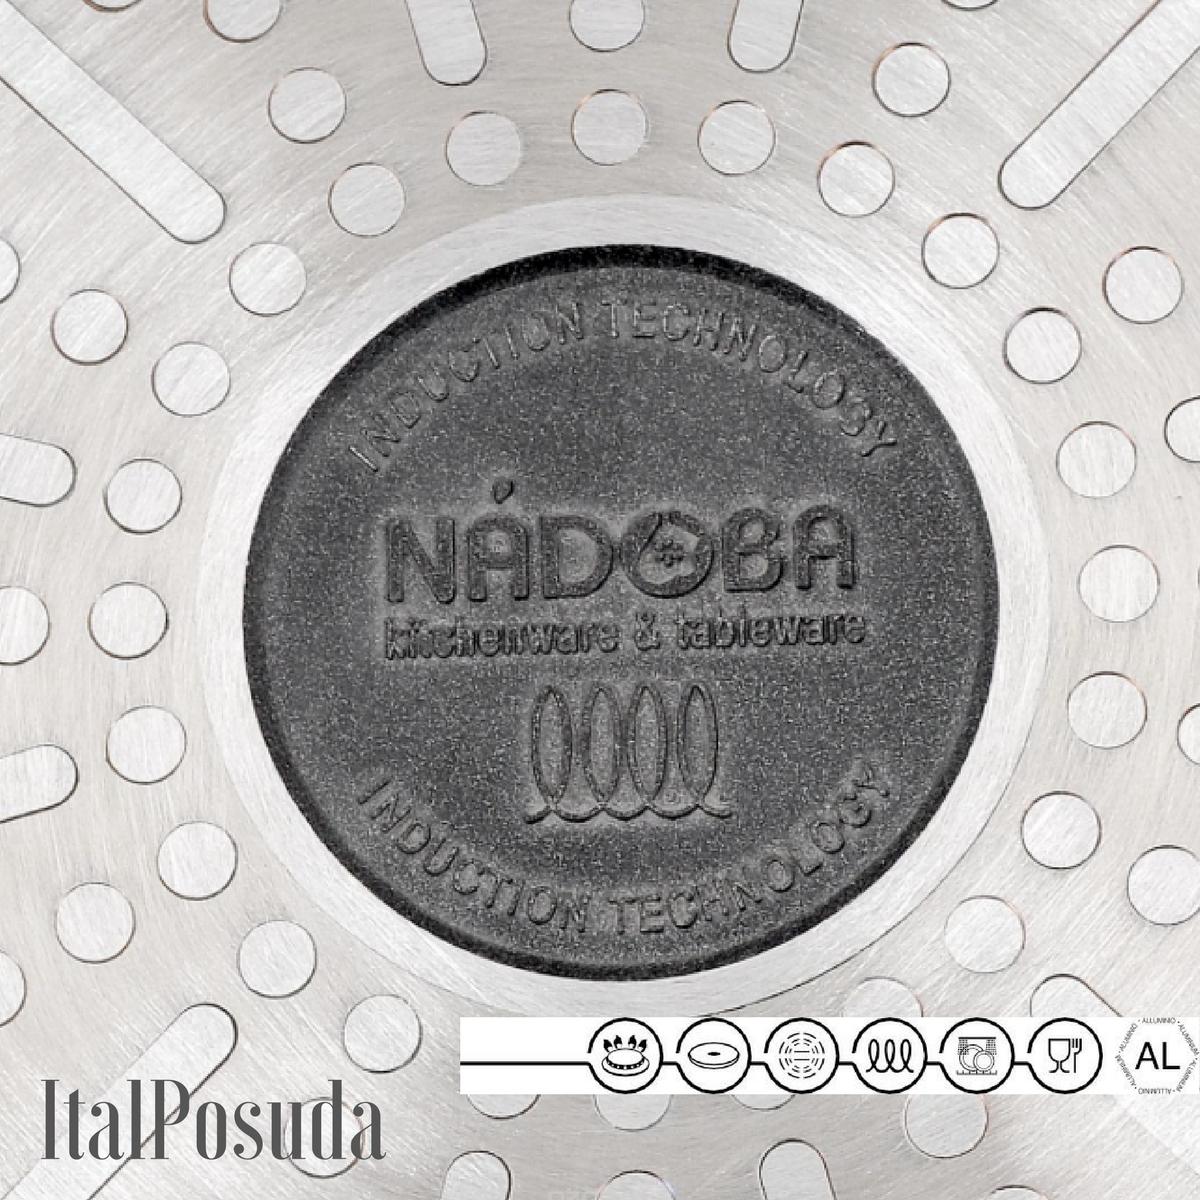 Сковорода Гриль со съемной ручкой NADOBA VILMA, 26х26 см